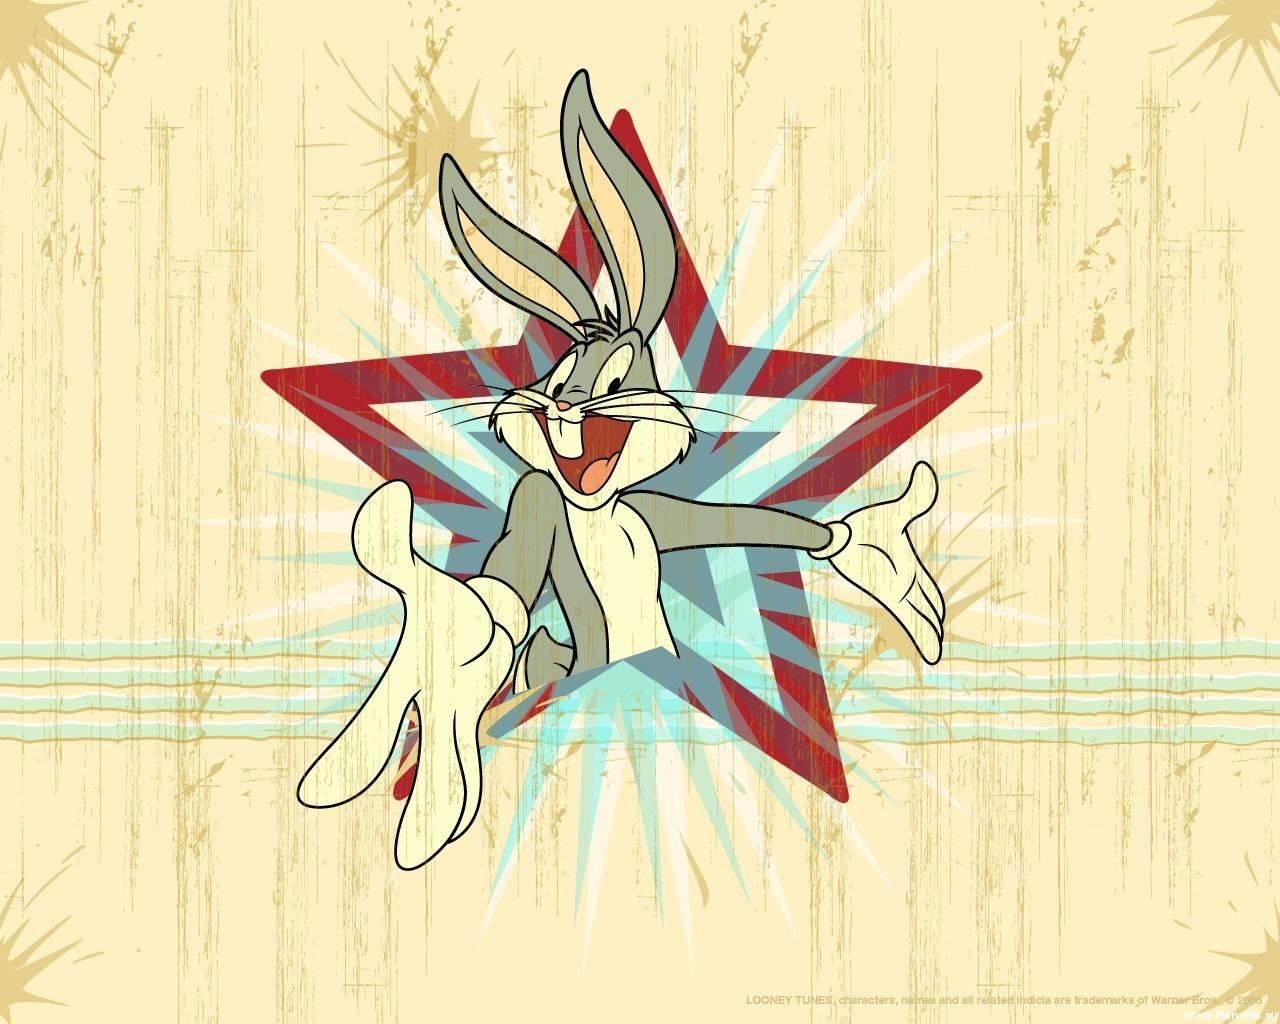 Bugs Bunny Wallpapers 1280x1024 Desktop Backgrounds